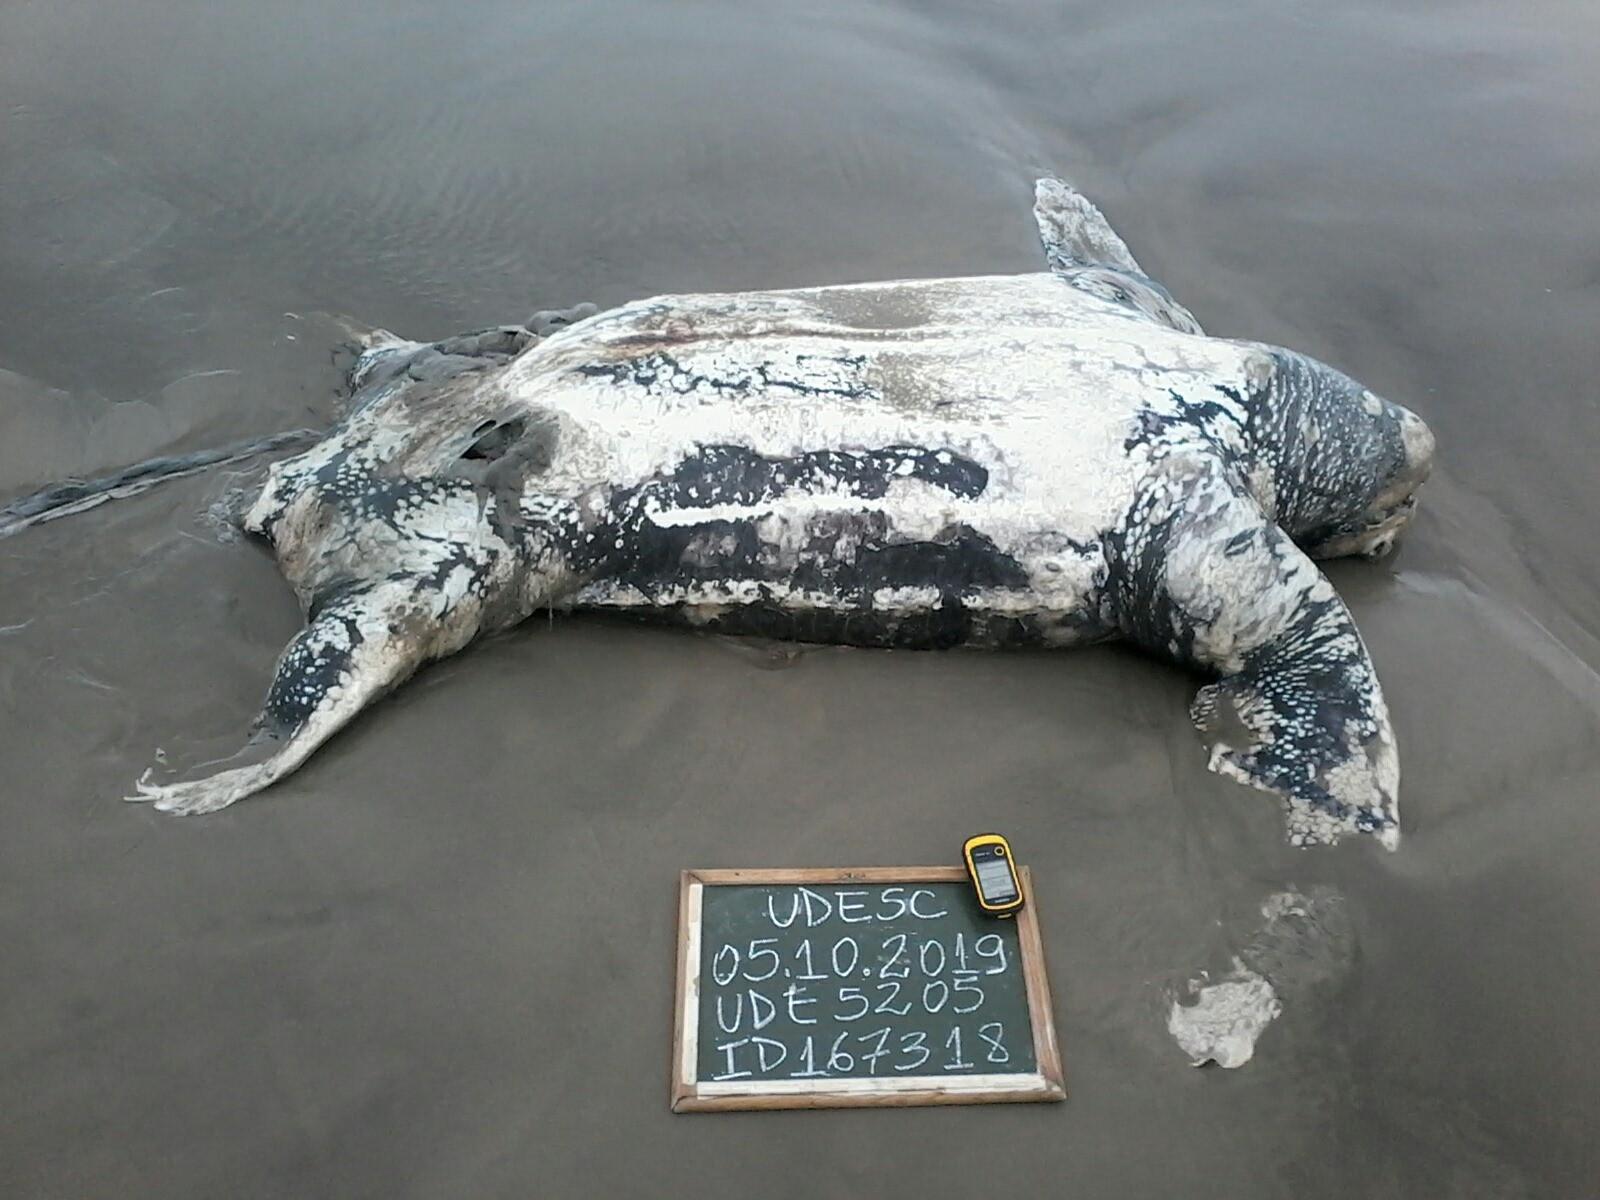 Mortes de tartarugas-gigantes preocupam pesquisadores do Sul de Santa Catarina - Notícias - Plantão Diário